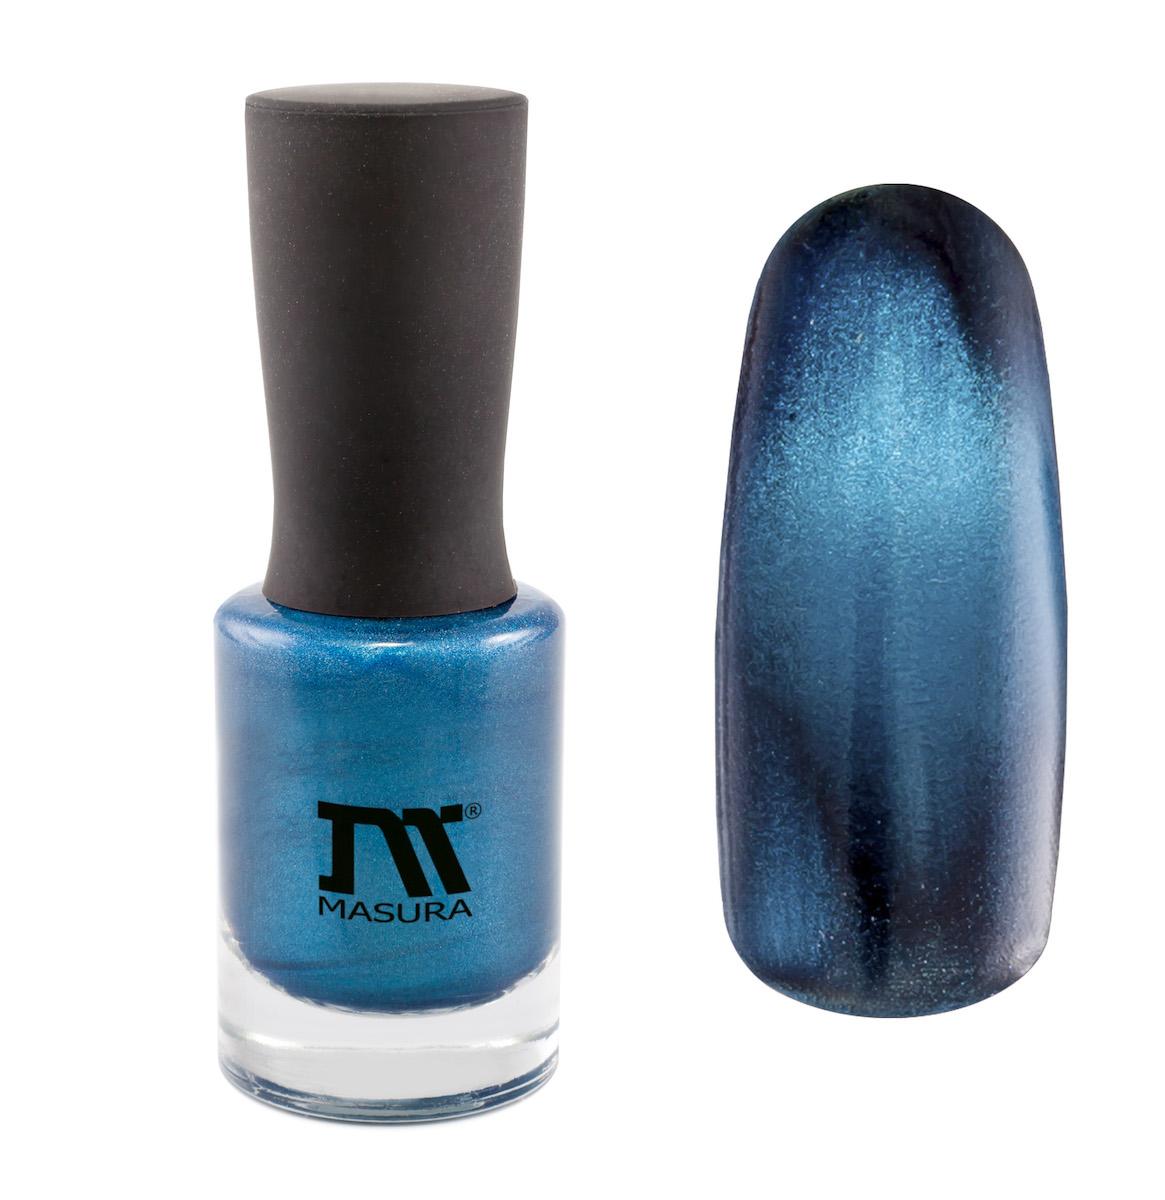 Masura Лак для ногтей Горный Азурит, 11 мл101300391насыщенный глубокий синий, с голубым подтоном, плотный